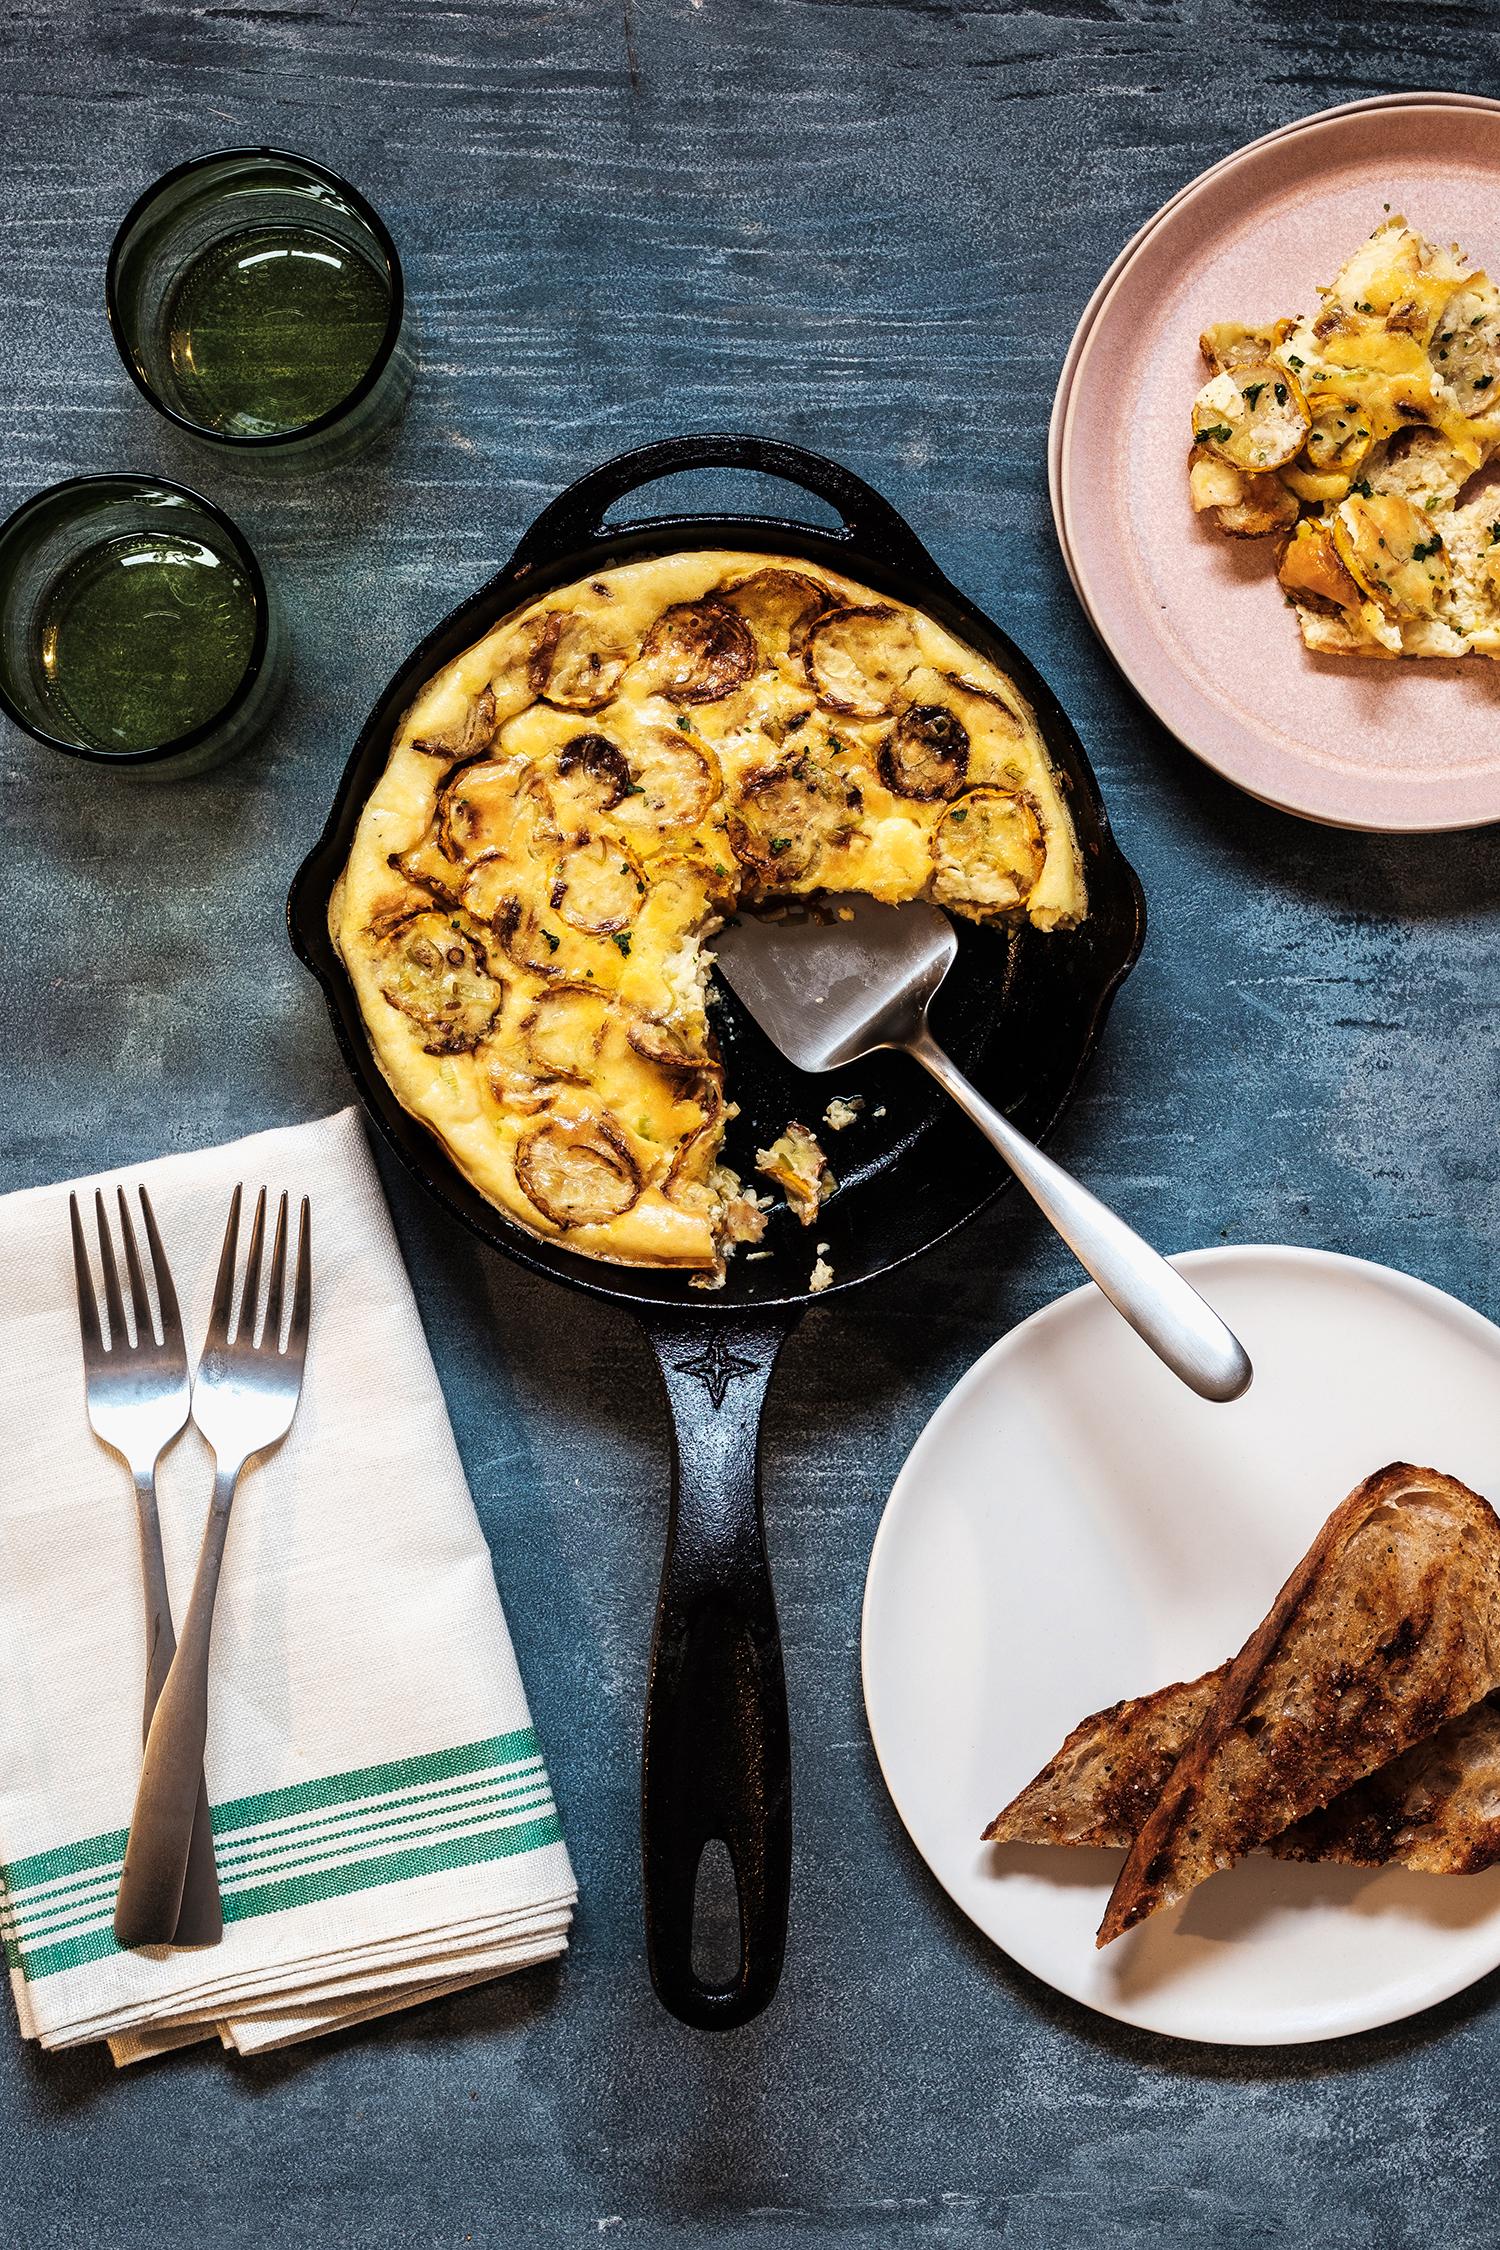 Zucchini and Crème Fraîche Frittata Recipe